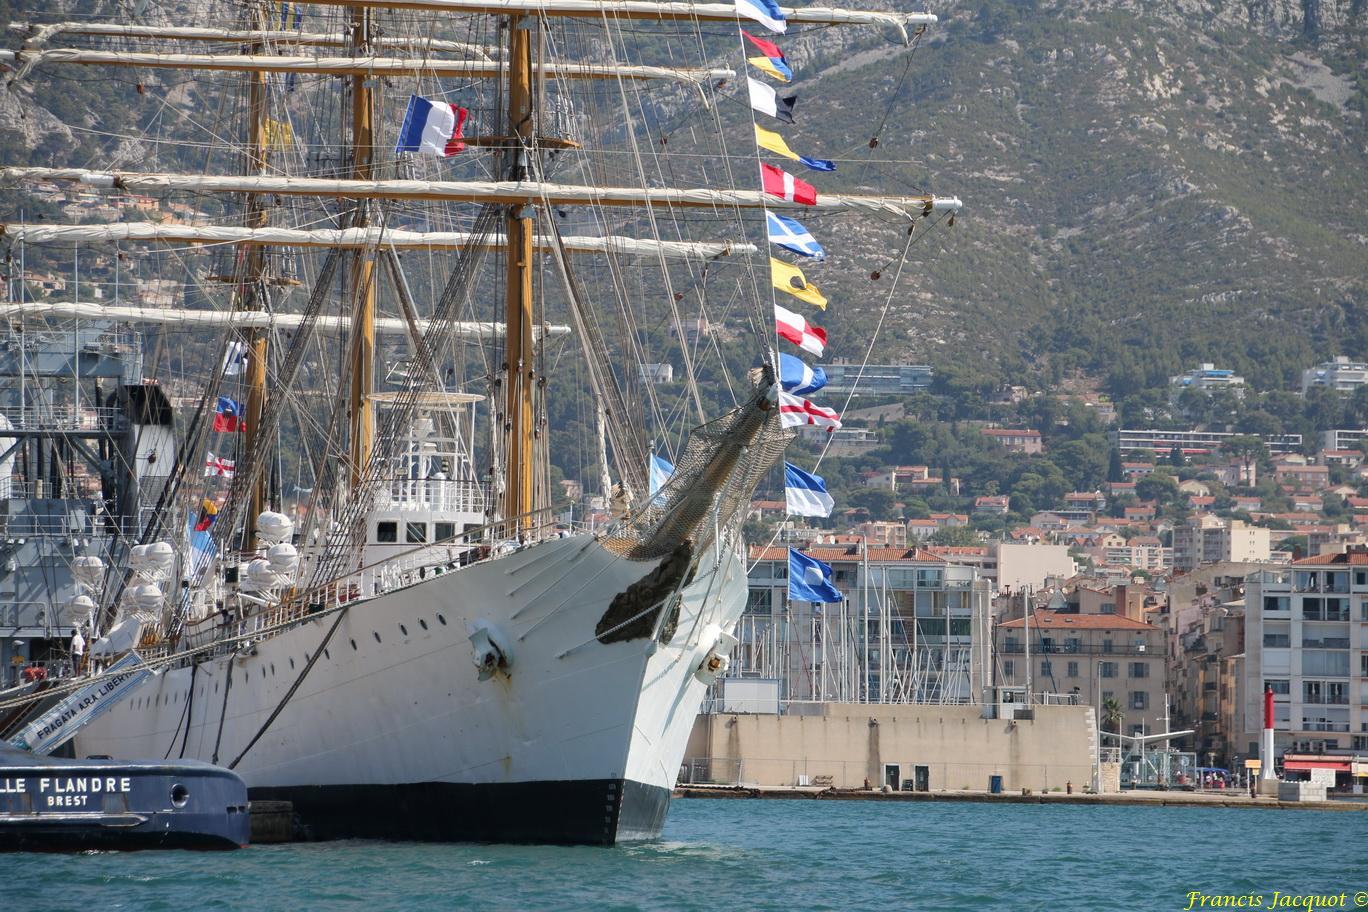 [ Marine à voile ] Vieux gréements - Page 3 7120249910